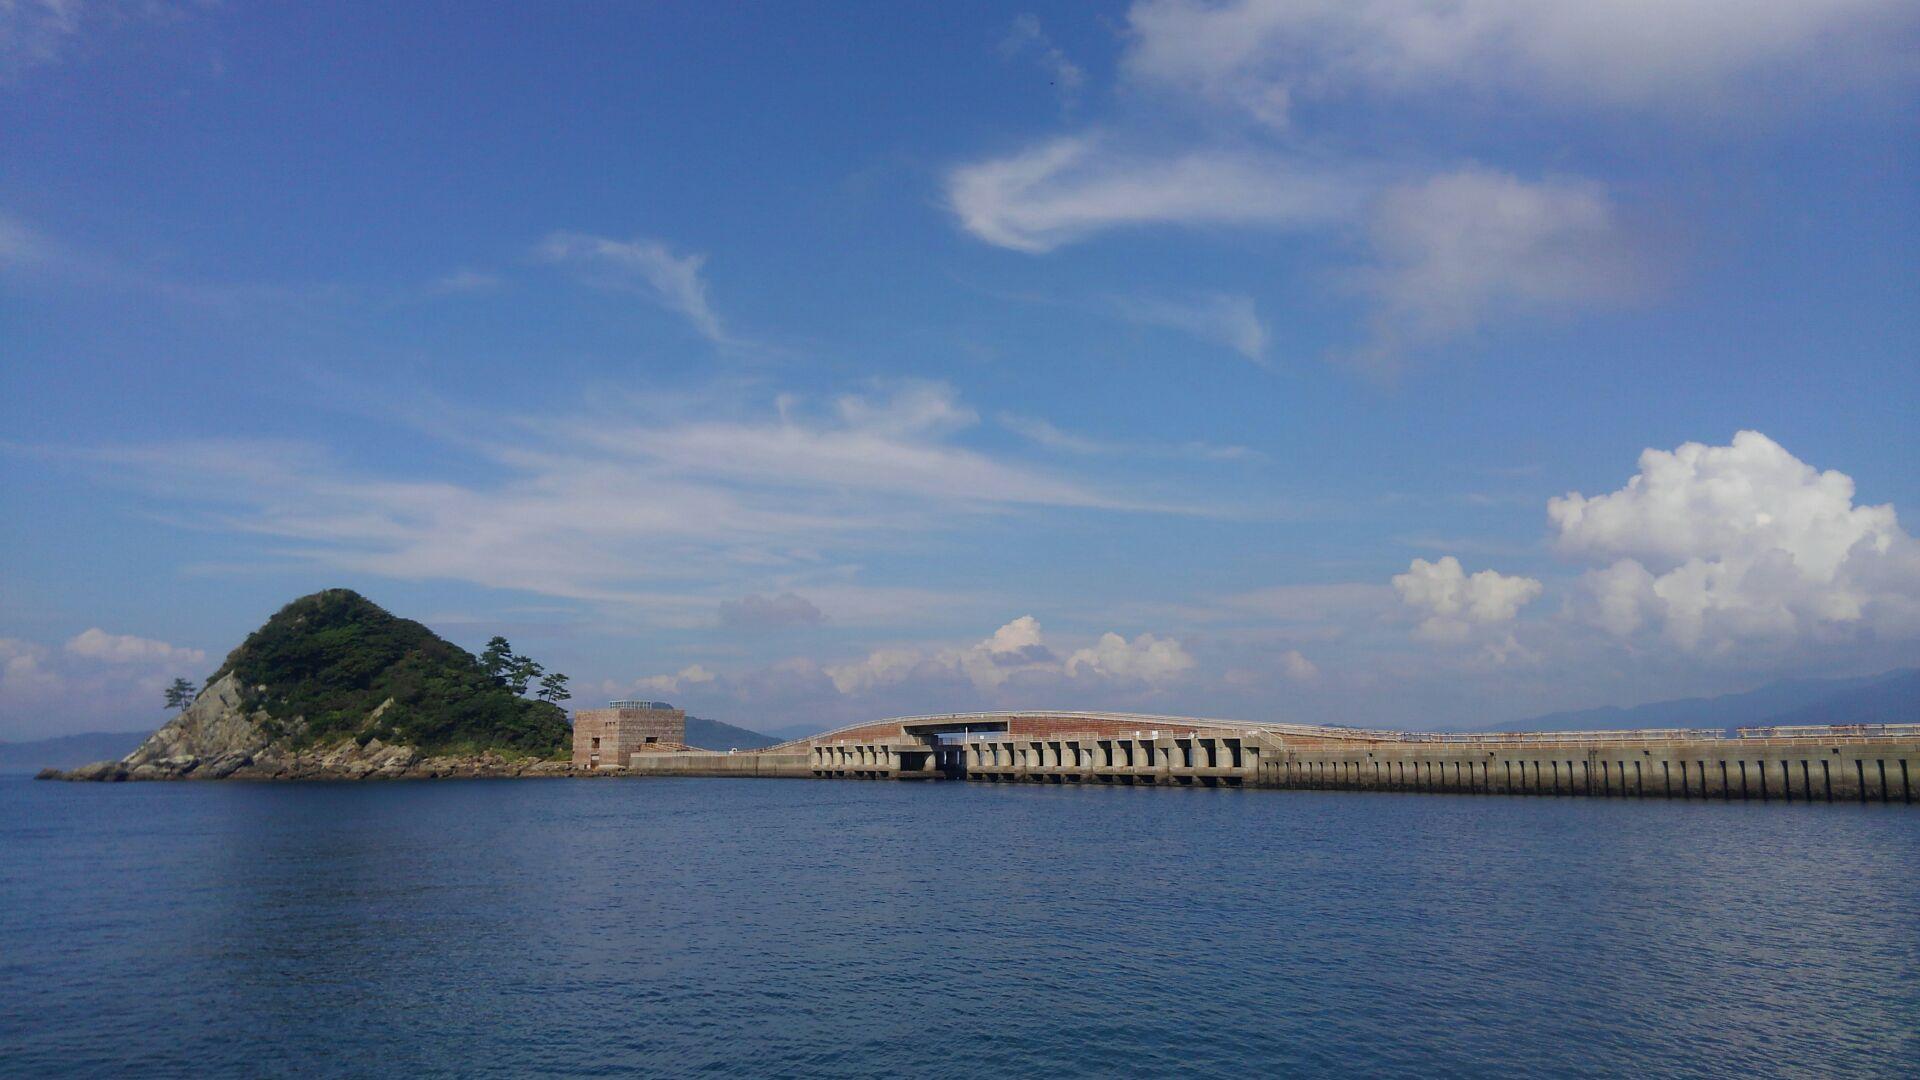 【家族連れにオススメ!】手ぶらで行っても楽しめる長崎市の釣りスポットで実際に釣りをしてみた